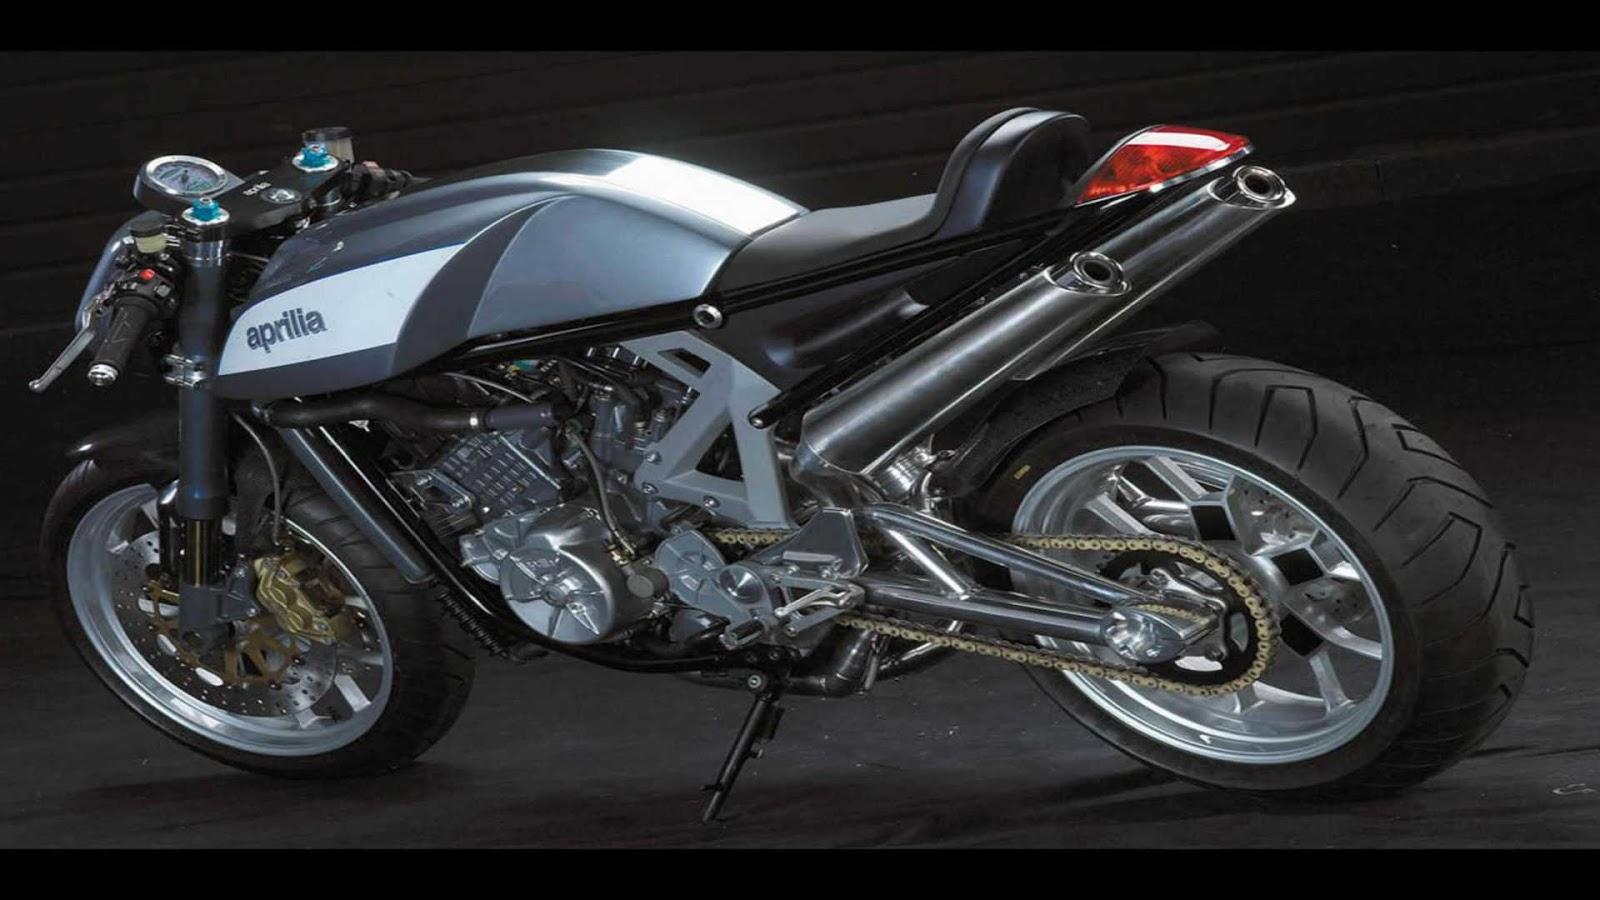 http://2.bp.blogspot.com/-wMz7w2p1Jig/UNUoFoUgLMI/AAAAAAAAixI/F86oquNDKHk/s1600/Wallpaper+Desktop+moto+-+motos_99975_jpg.jpg